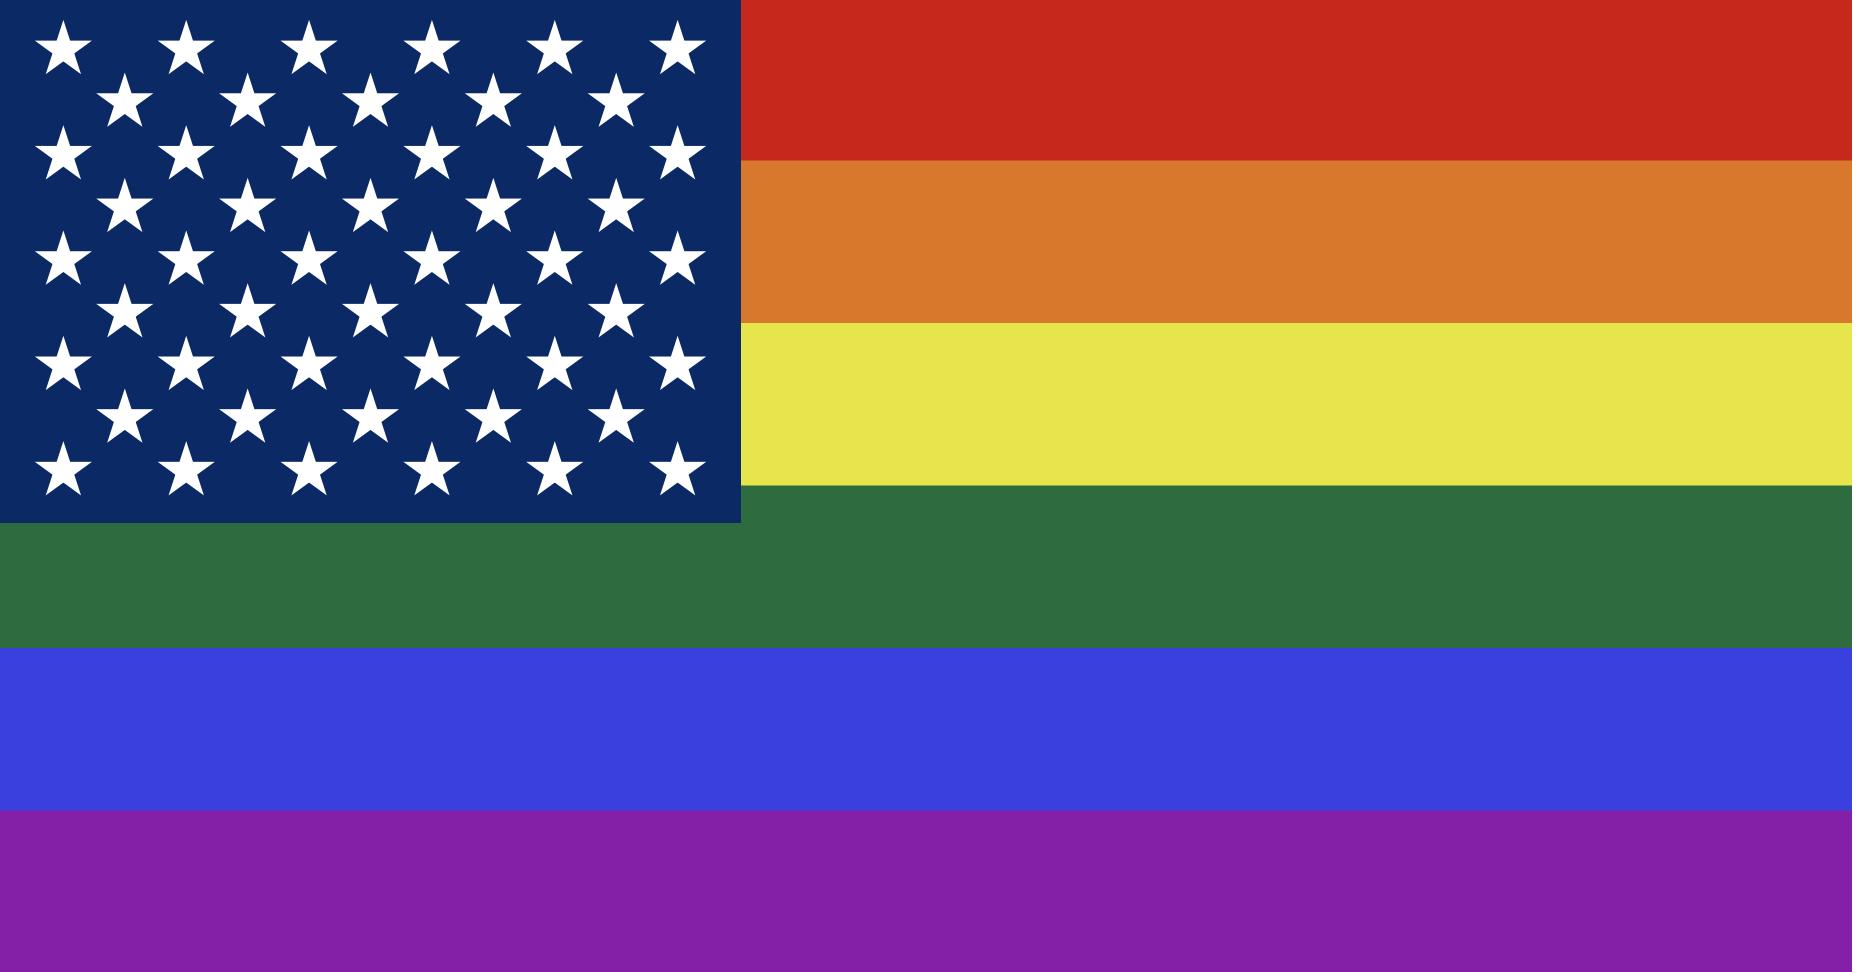 Forum to highlight defense of transgender rights